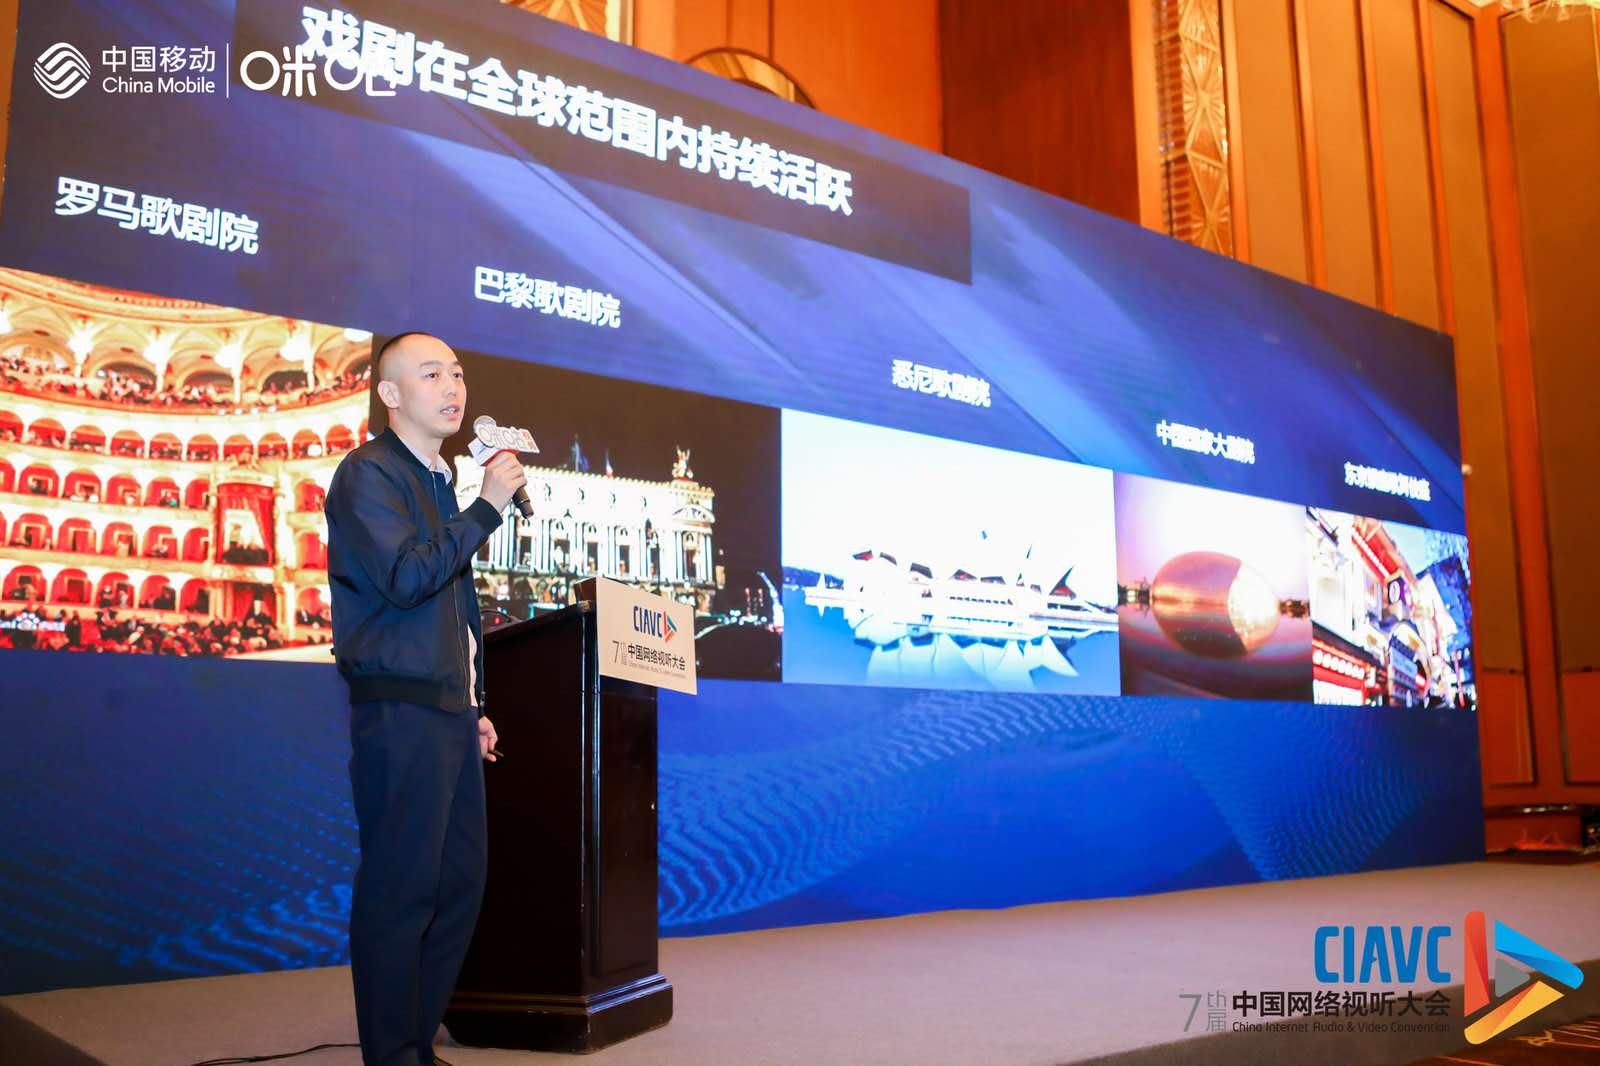 北京华录新媒信息技术有限公司总经理刘小杰:戏曲、<font color=